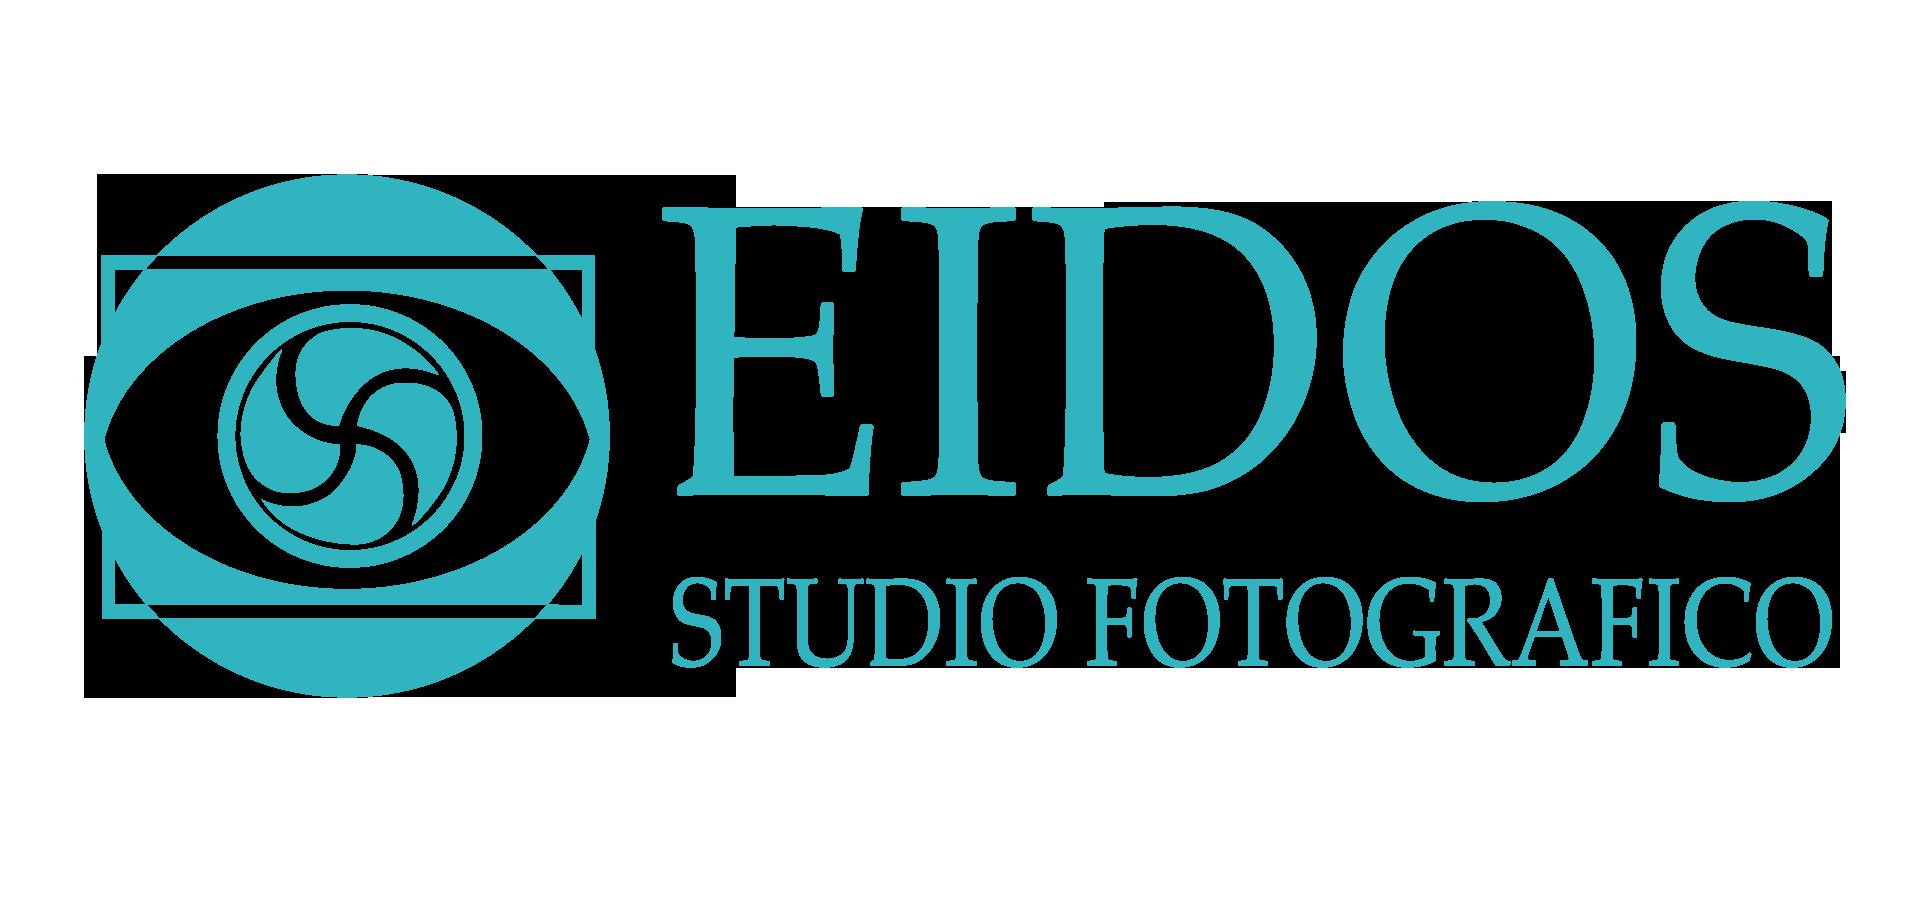 Eidos studio fotografico